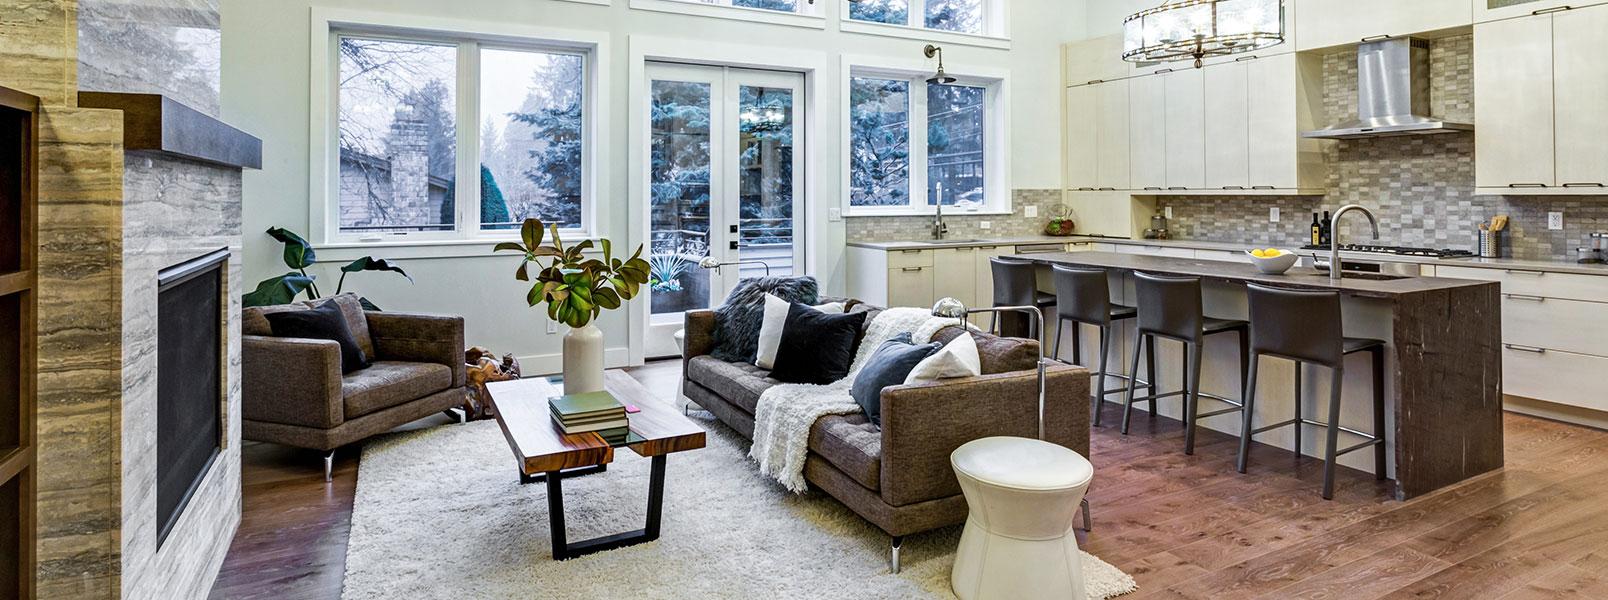 Salon Et Cuisine Aire Ouverte concept à aire ouverte: comment transformer votre maison?